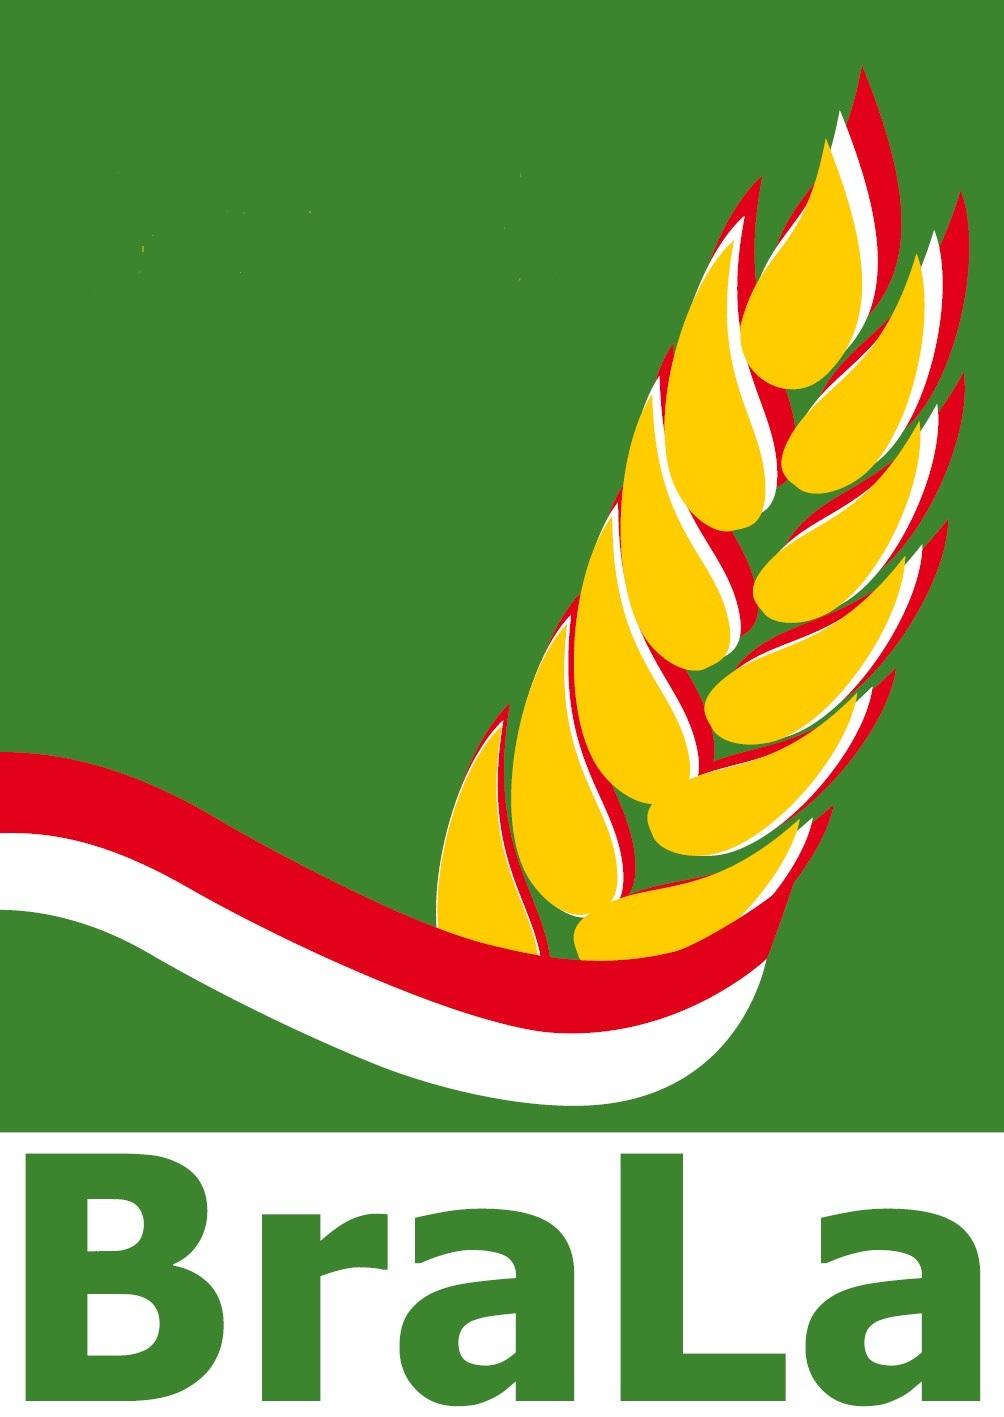 28. Brandenburgische Landwirtschaftsausstellung